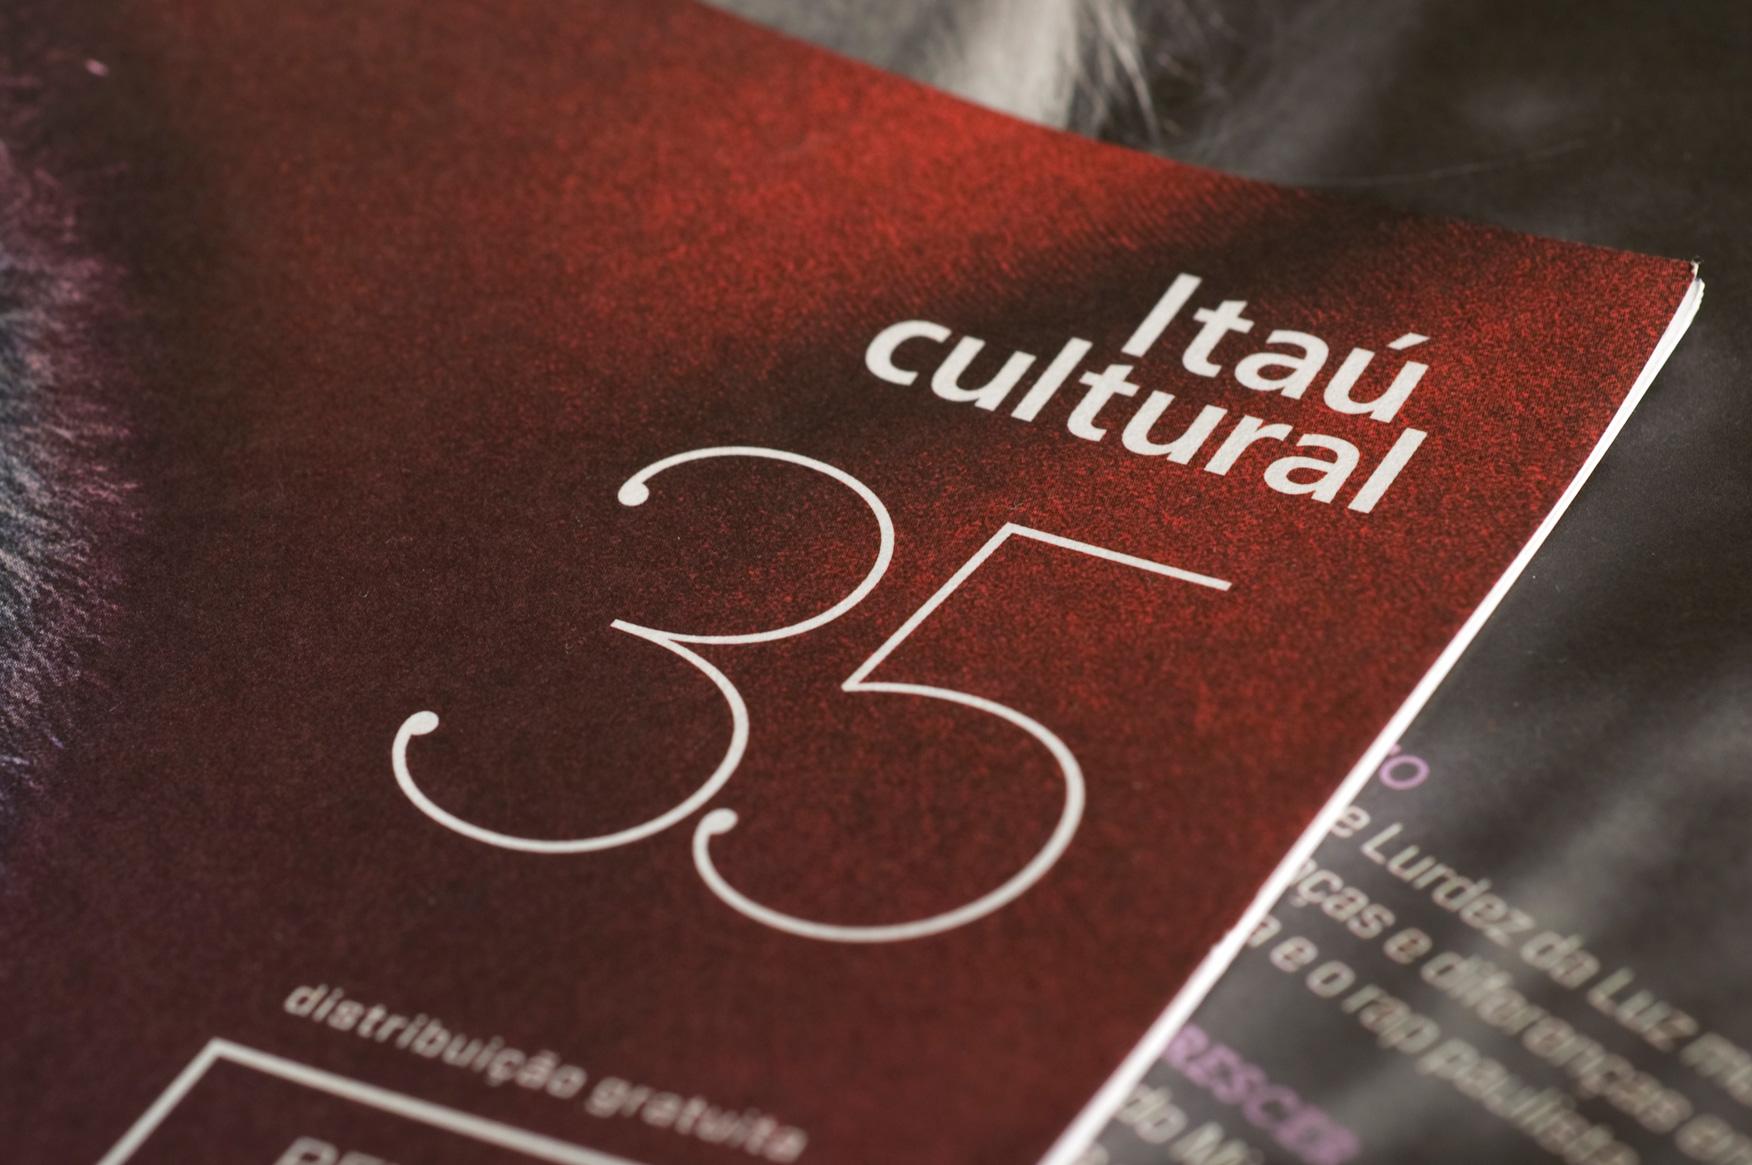 Revista Continuum 35 | capa (detalhe)